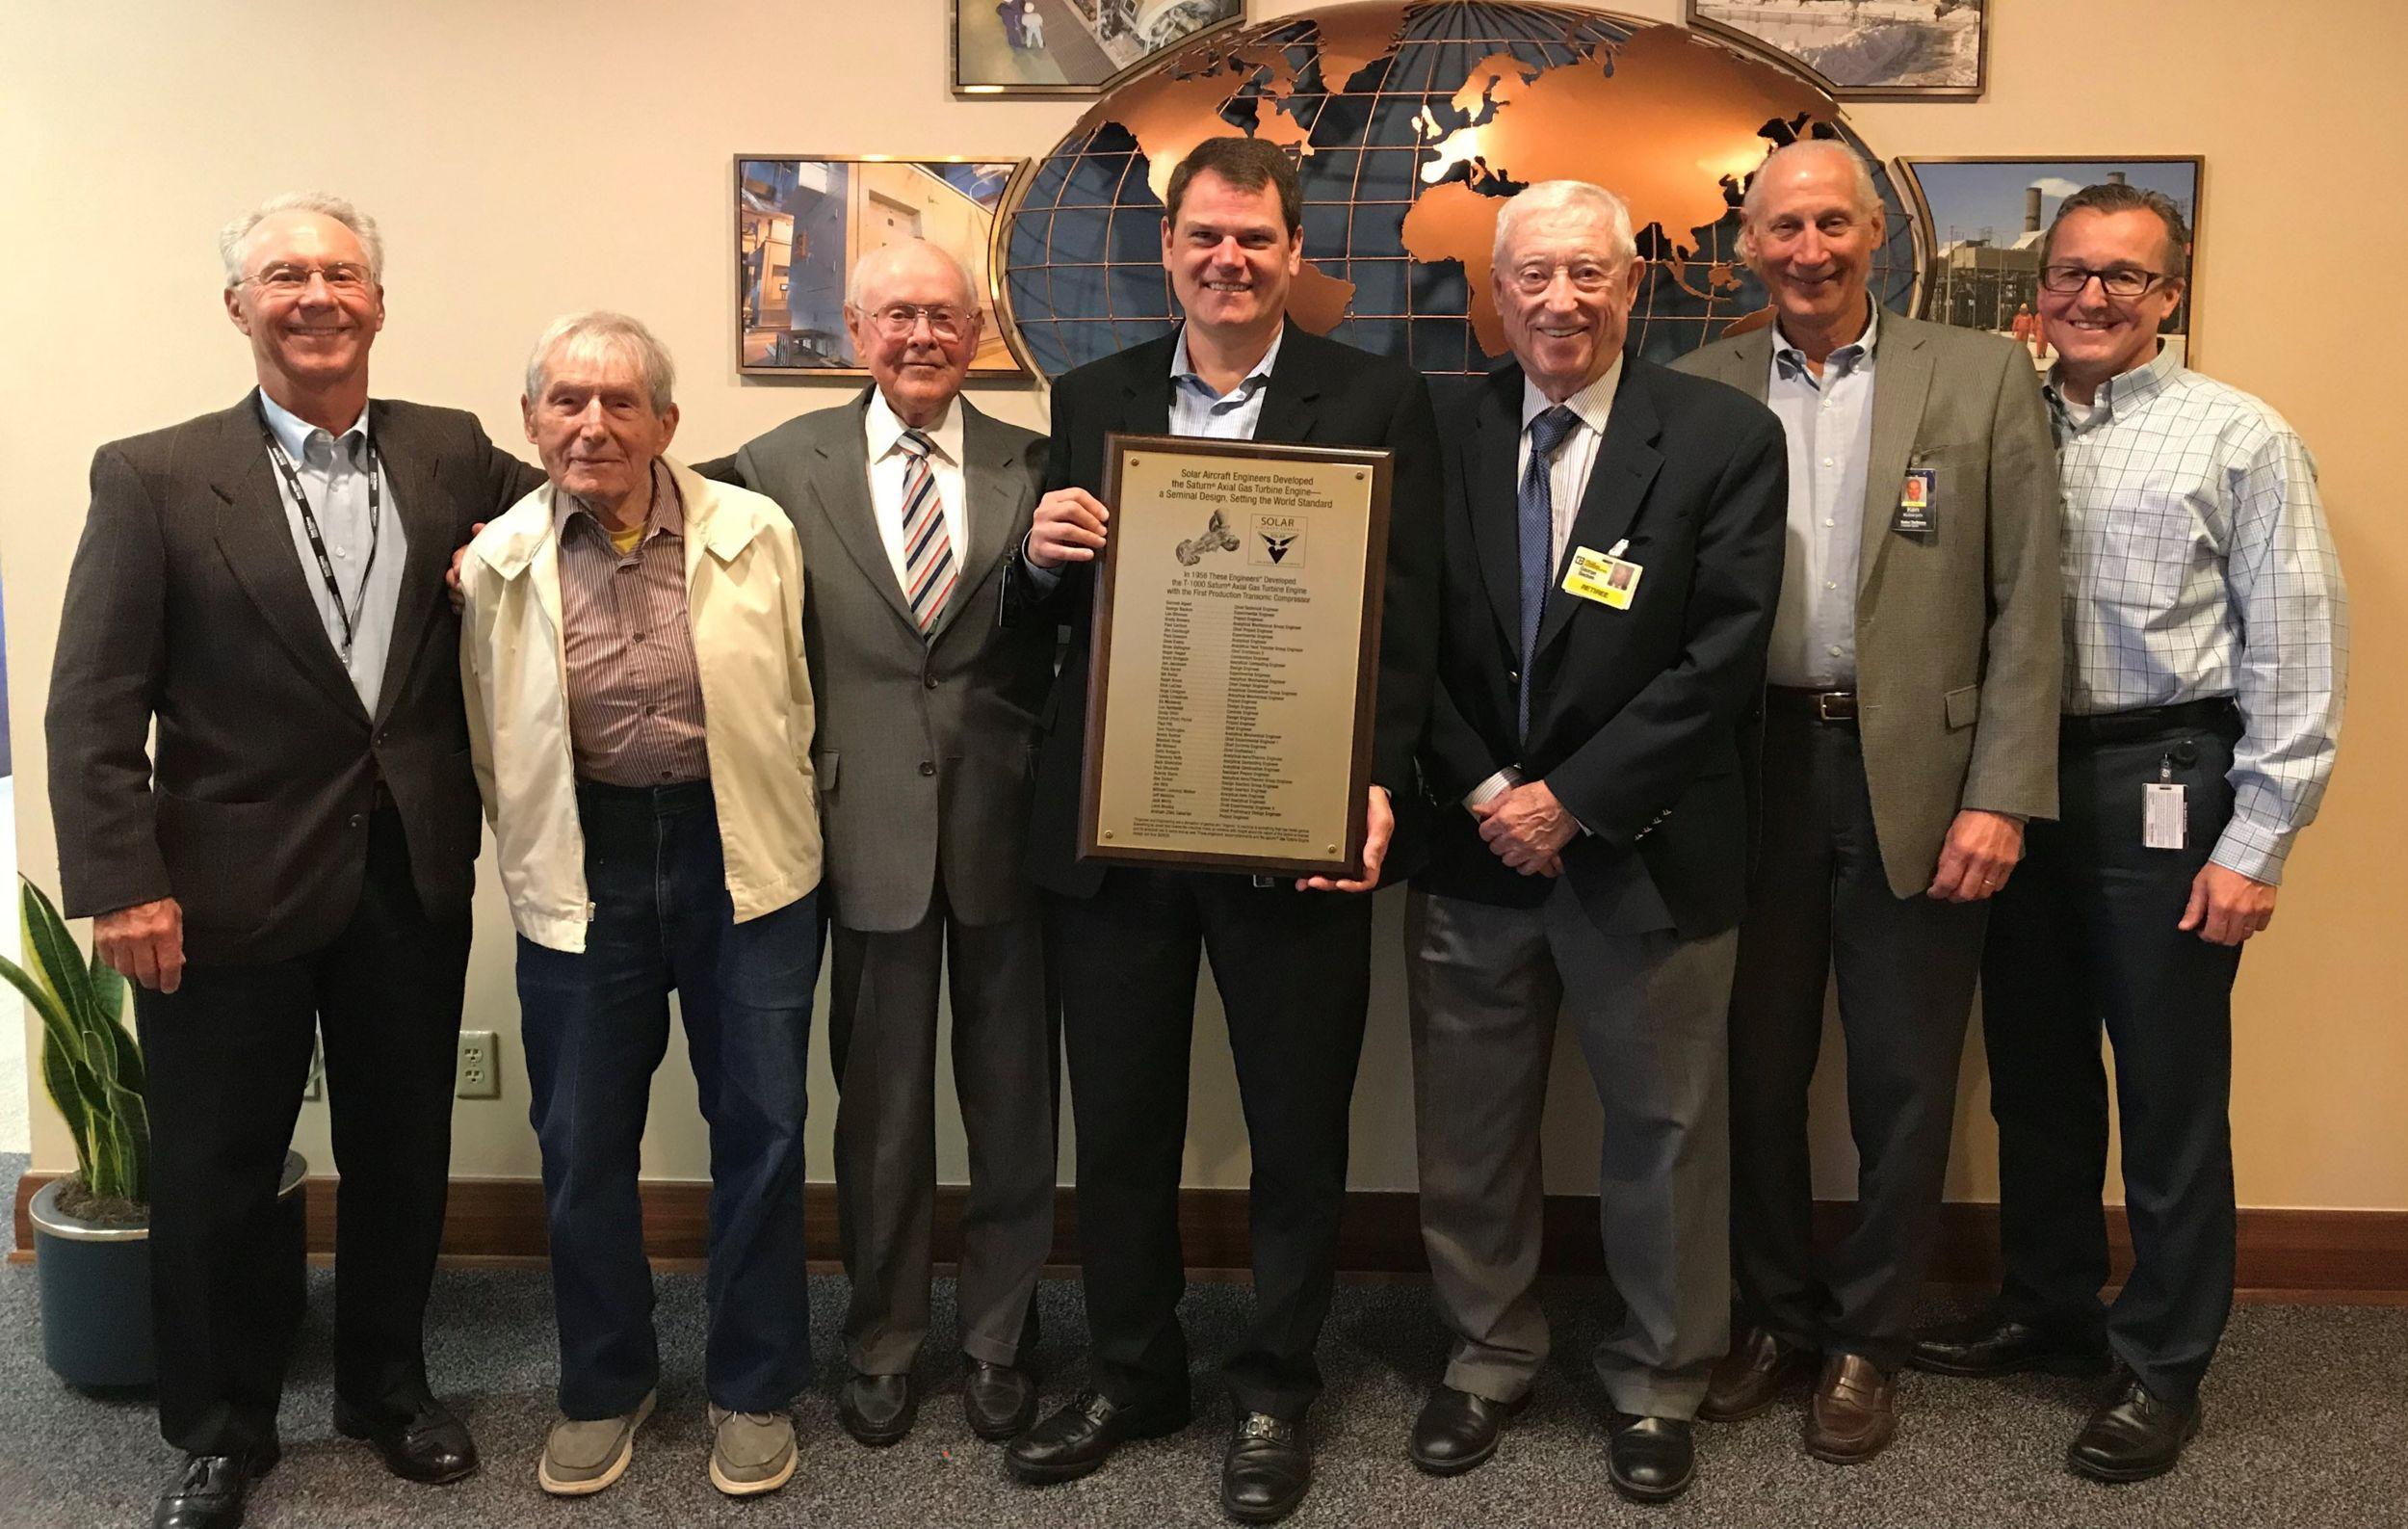 Homenaje a los ingenieros de Saturn para celebrar el 60°aniversario del motor Saturn